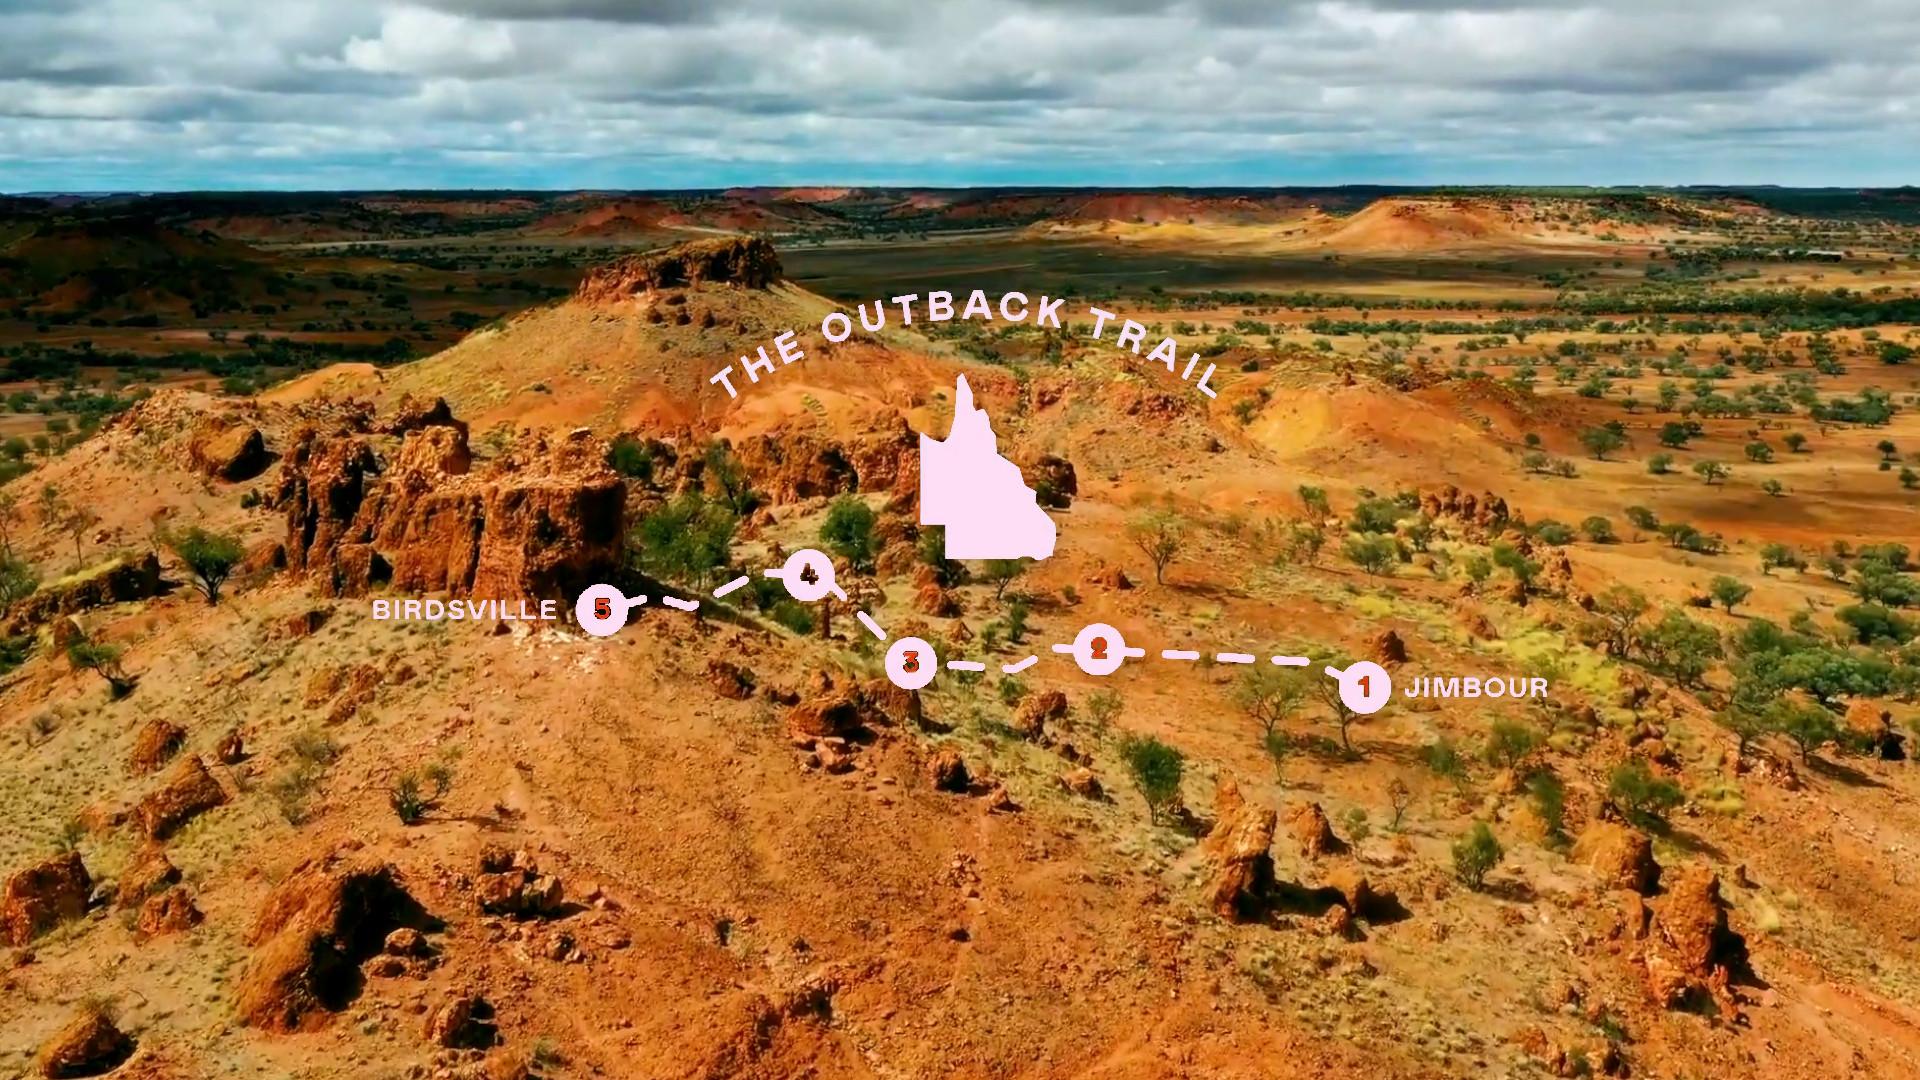 Queensland Music Trails, Australia